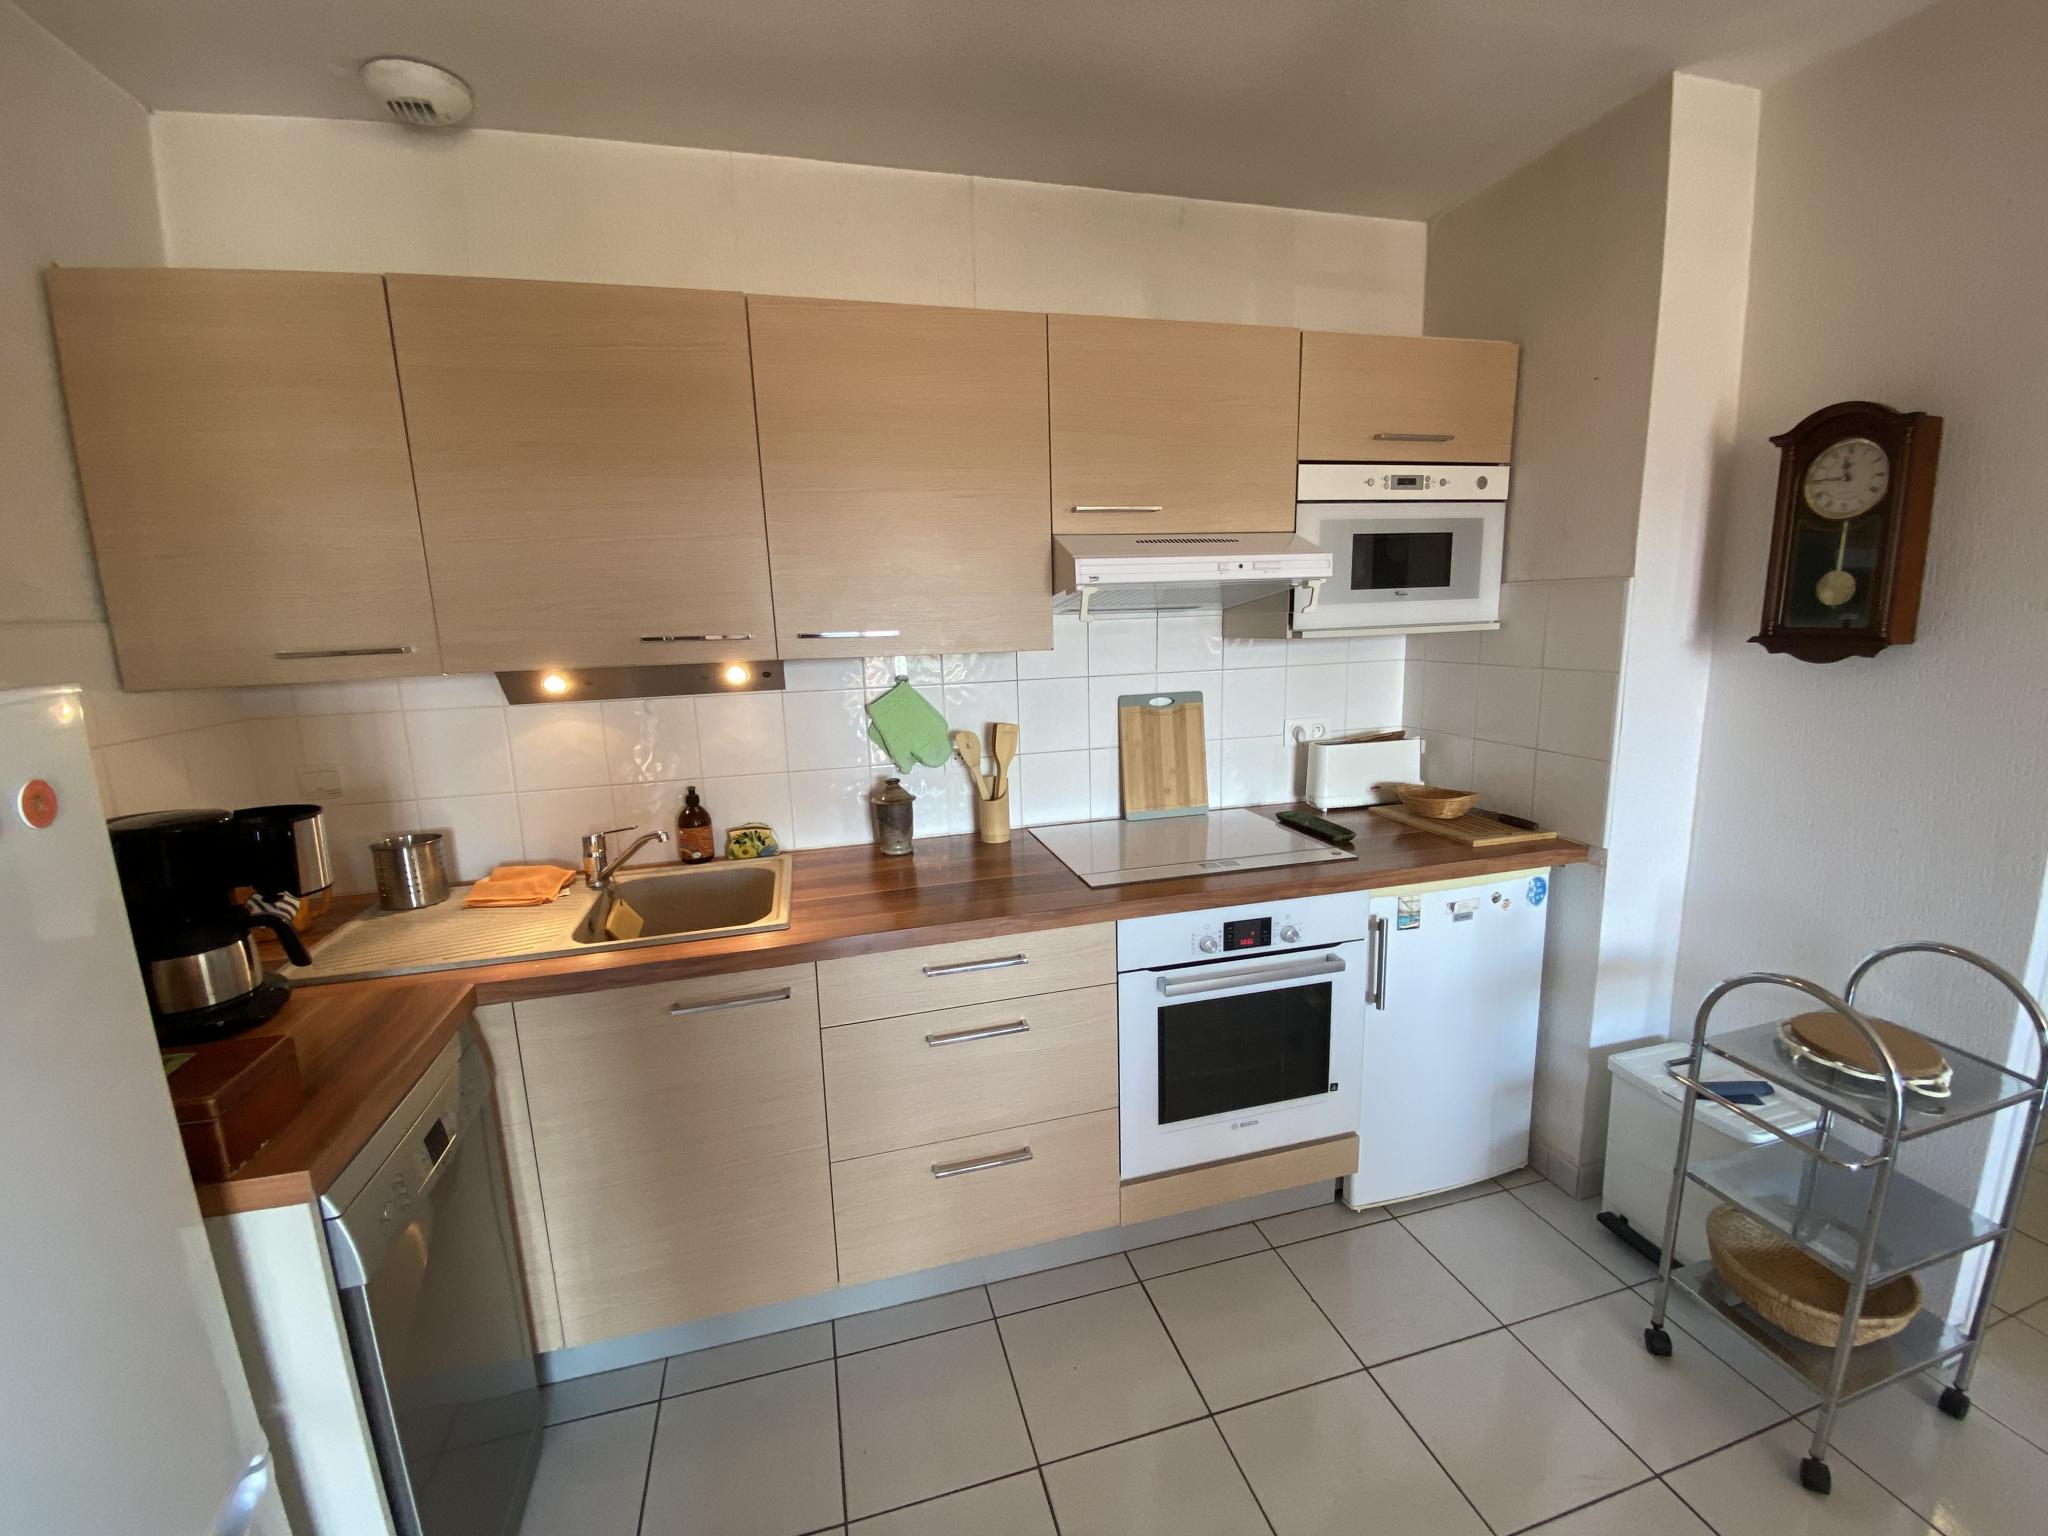 À vendre appartement de 80m2 à argeles sur mer (66700) - Photo 2'